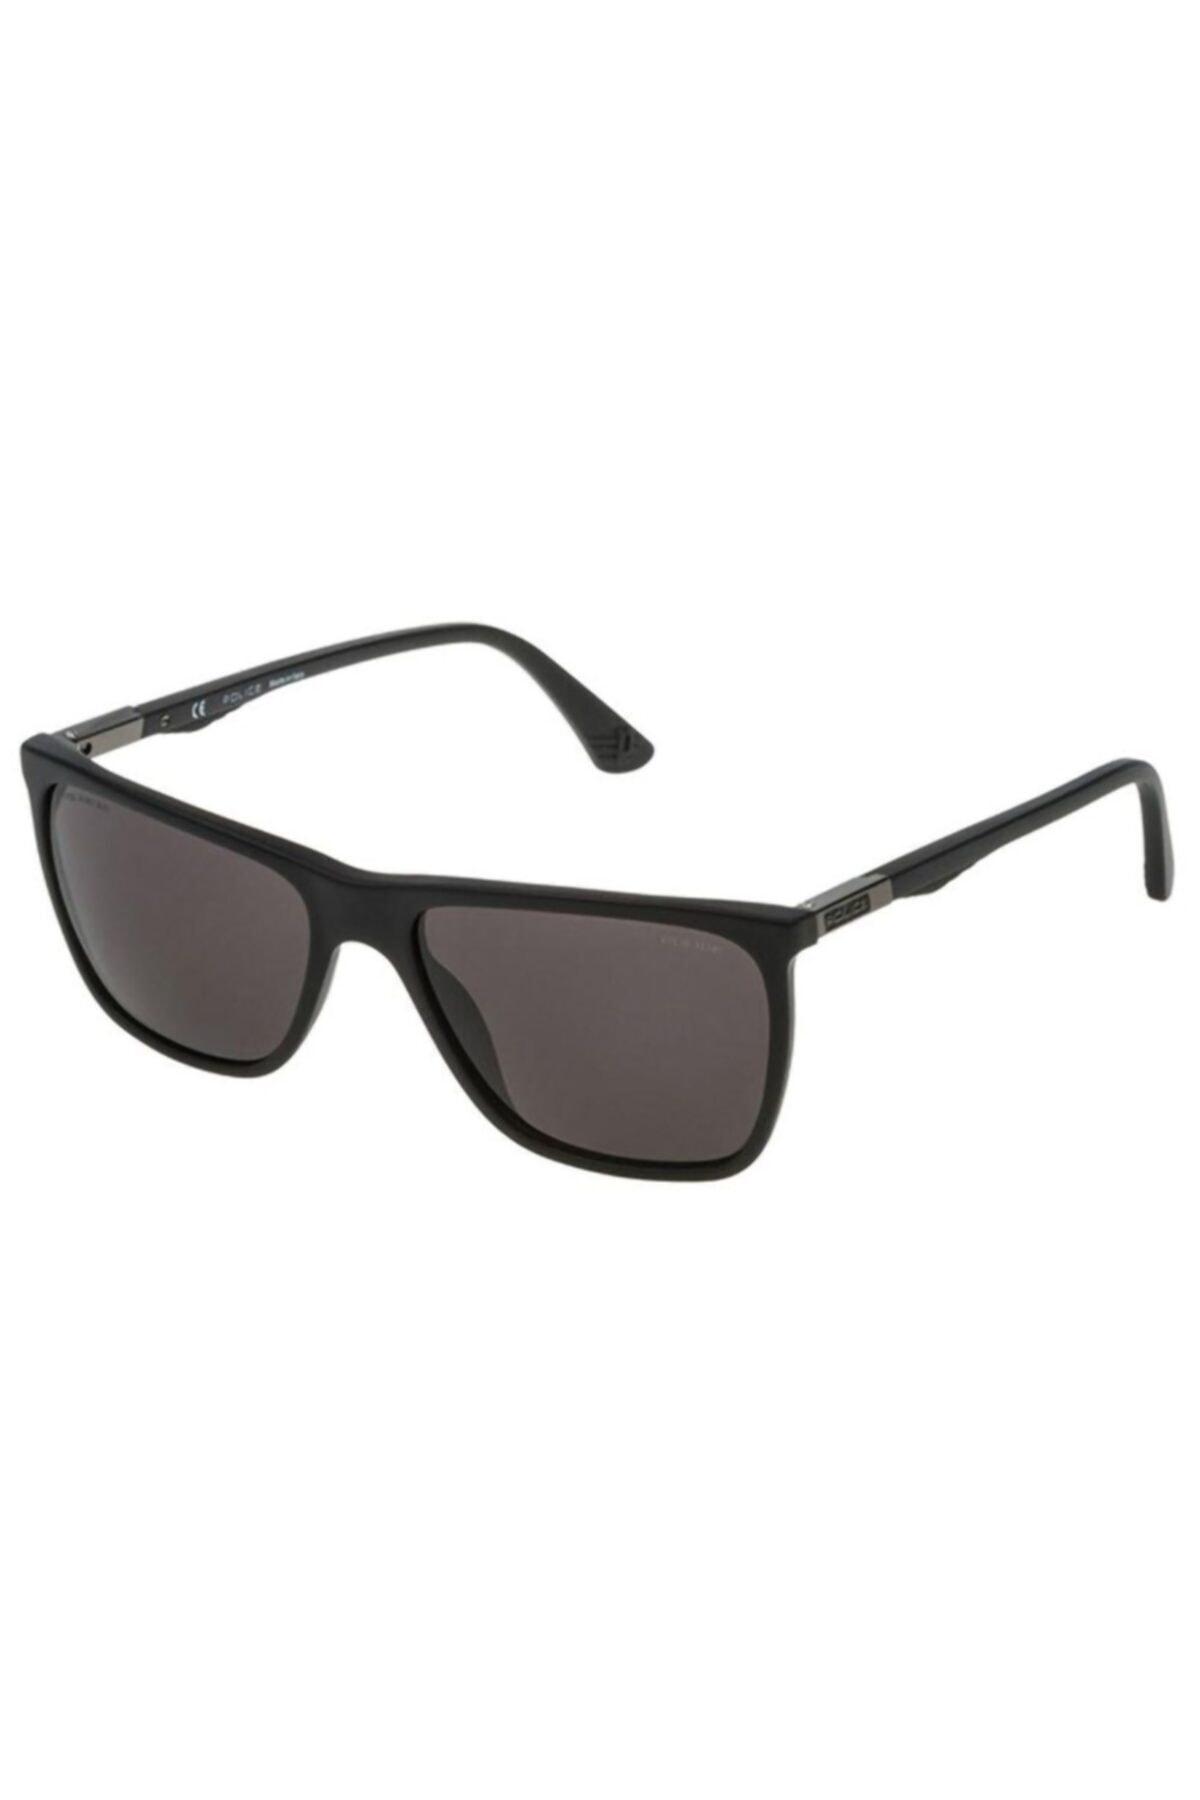 خرید نقدی عینک دودی مردانه ترک  برند Police رنگ مشکی کد ty47899462